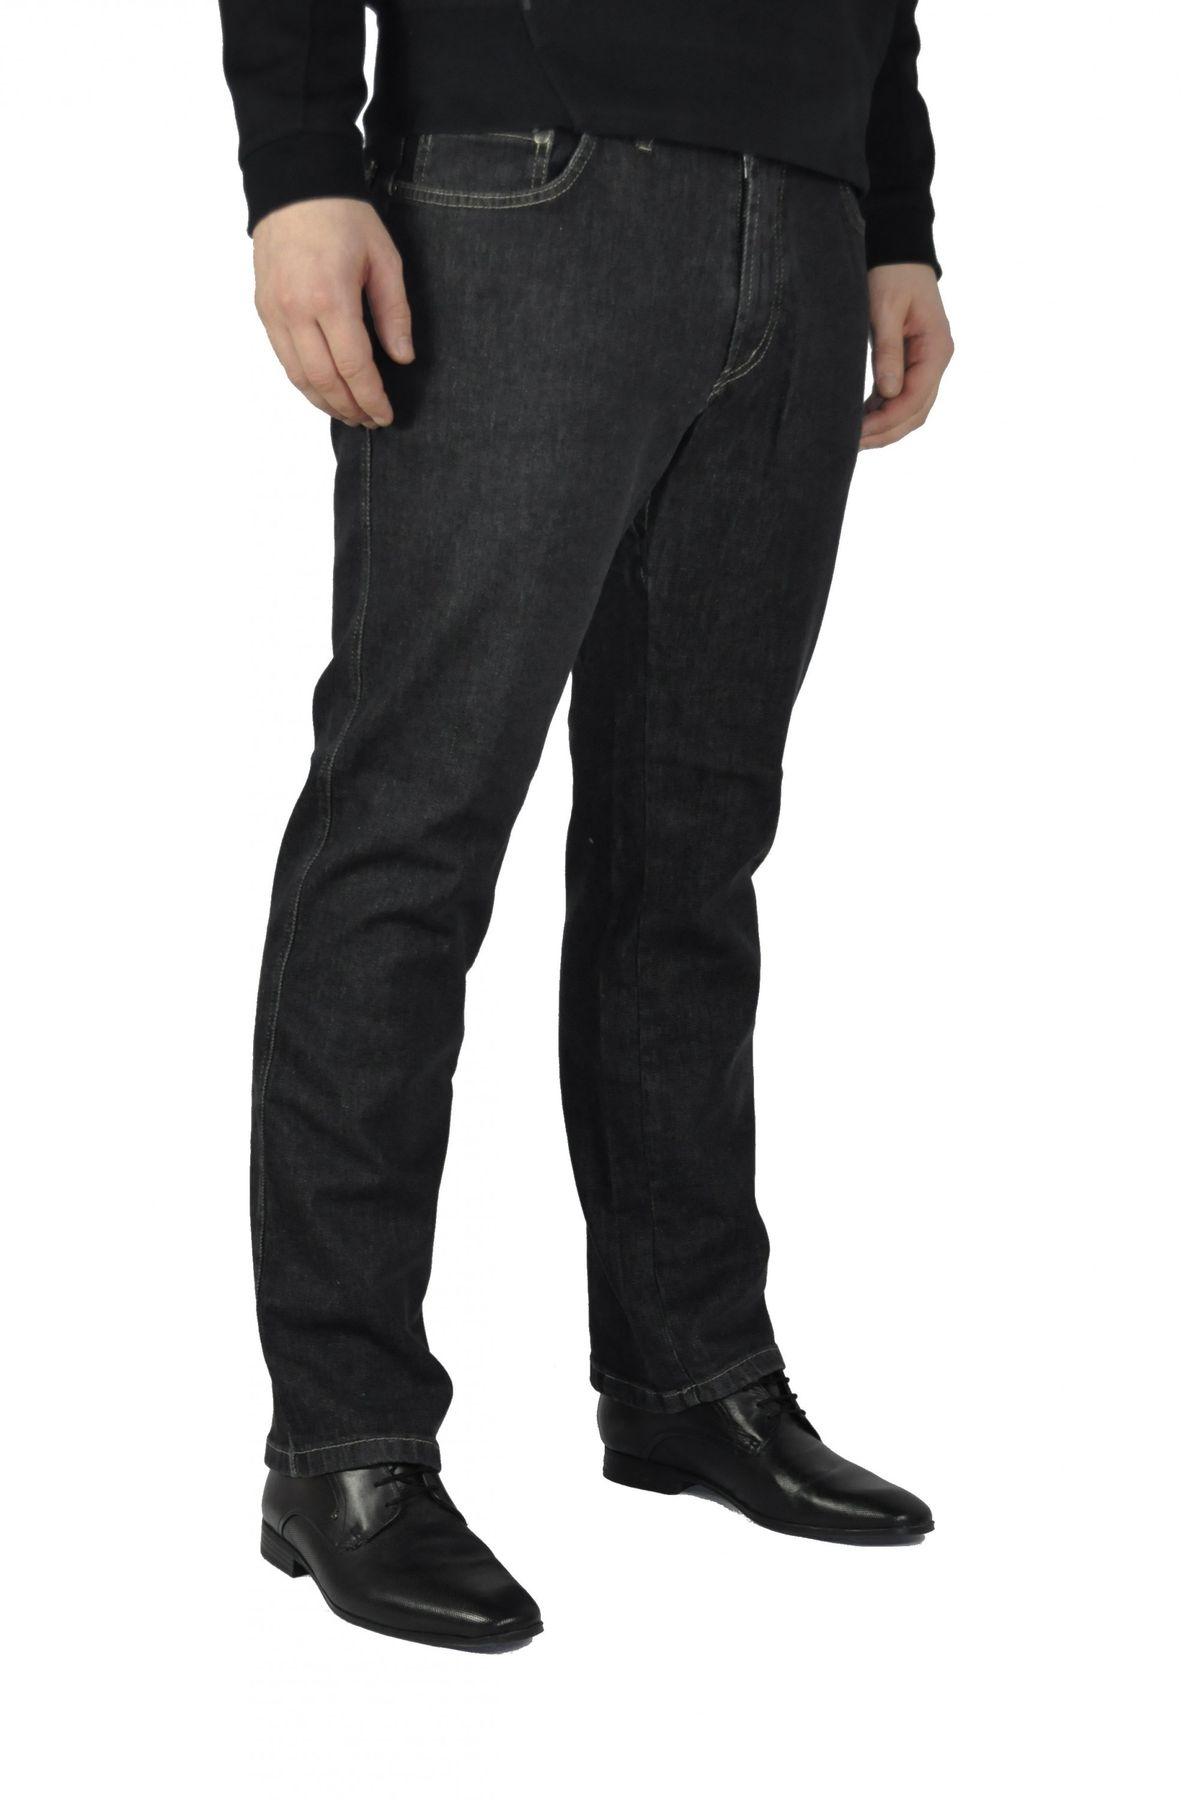 Herren 5 Pocket Jeans in Schwarz oder Blau (15204100) – Bild 4